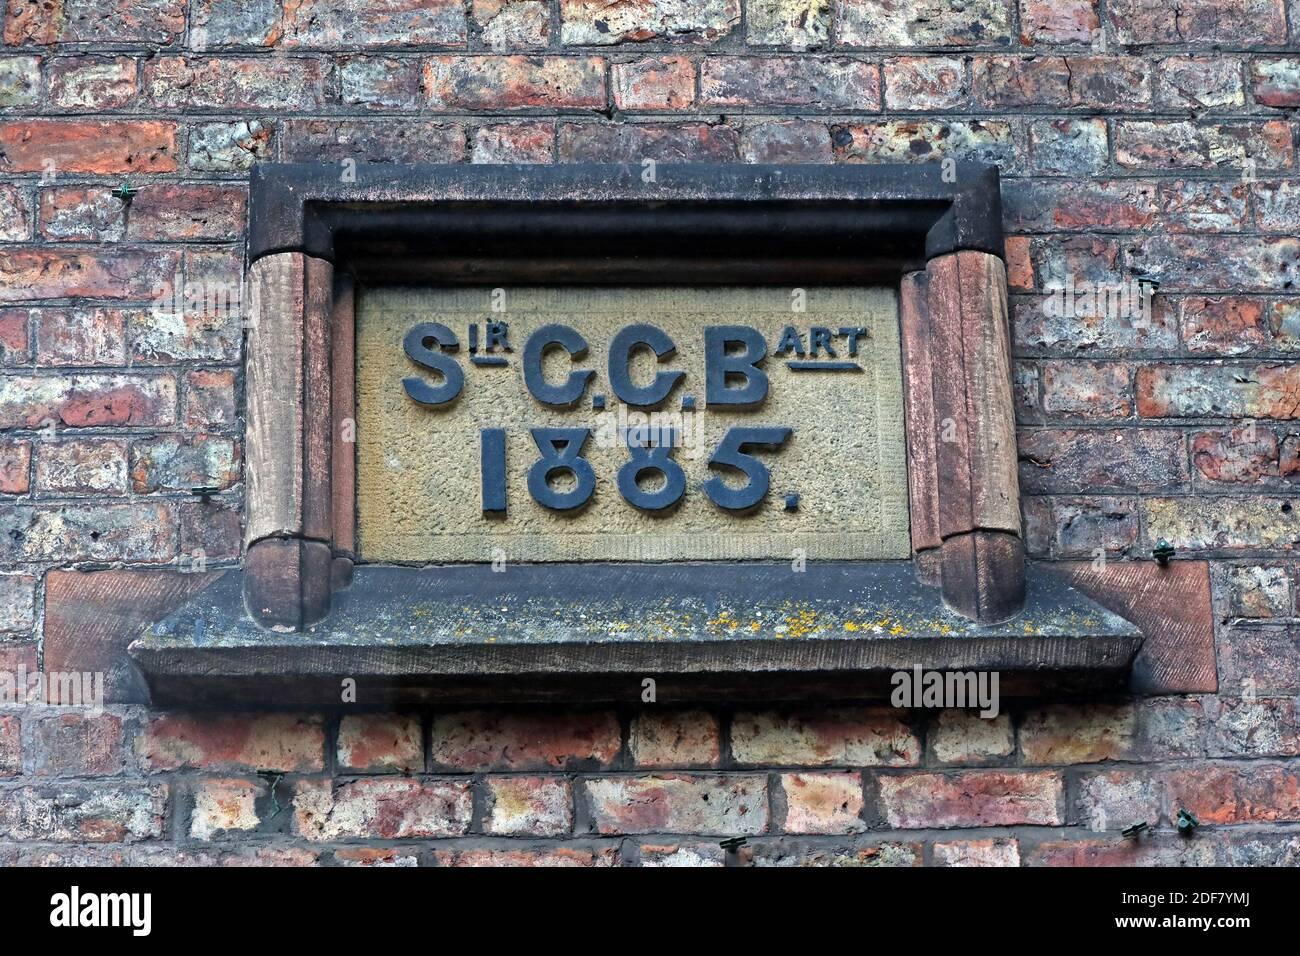 Dieses Stockfoto: Walton Village, Warrington, Sir, CCB, Art, 1885, Inschrift auf St. Johns Community Hall, Cheshire, England, Großbritannien - 2DF7YM